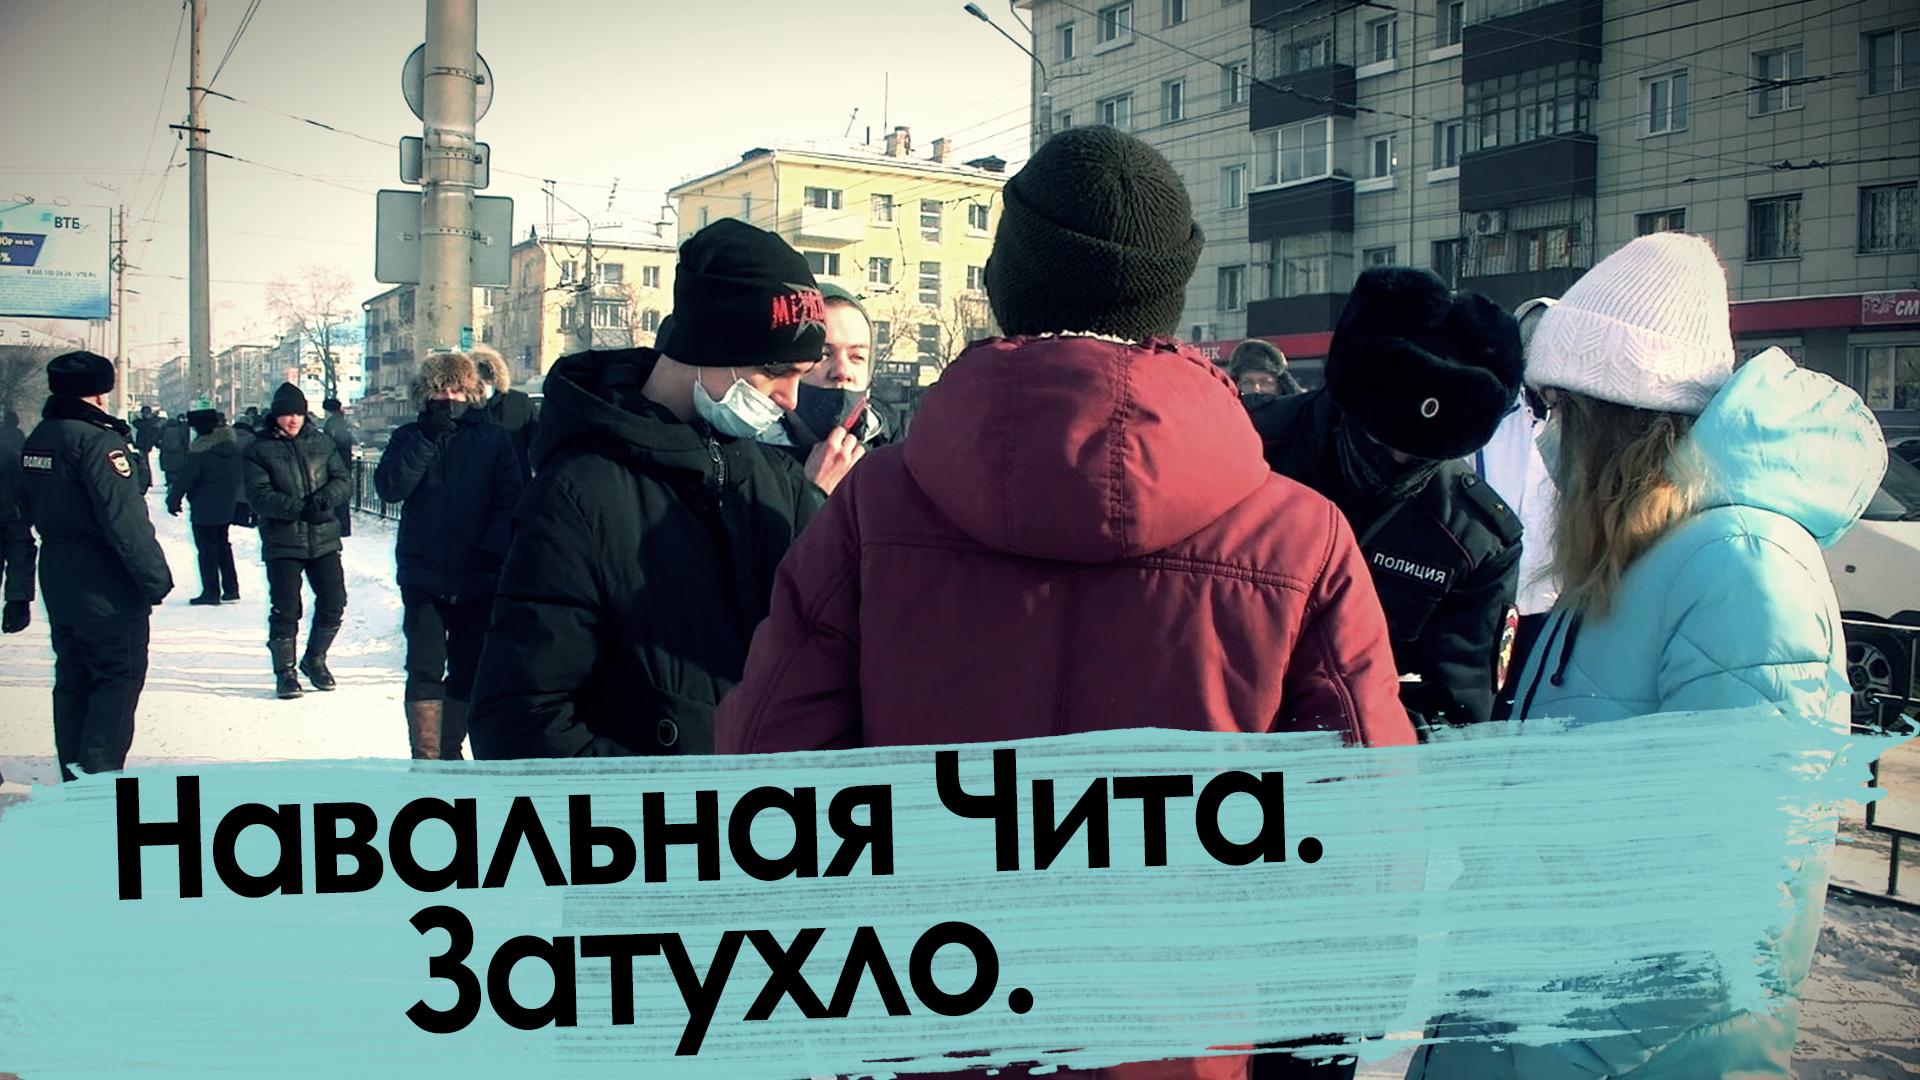 Навальная Чита. Затухло.